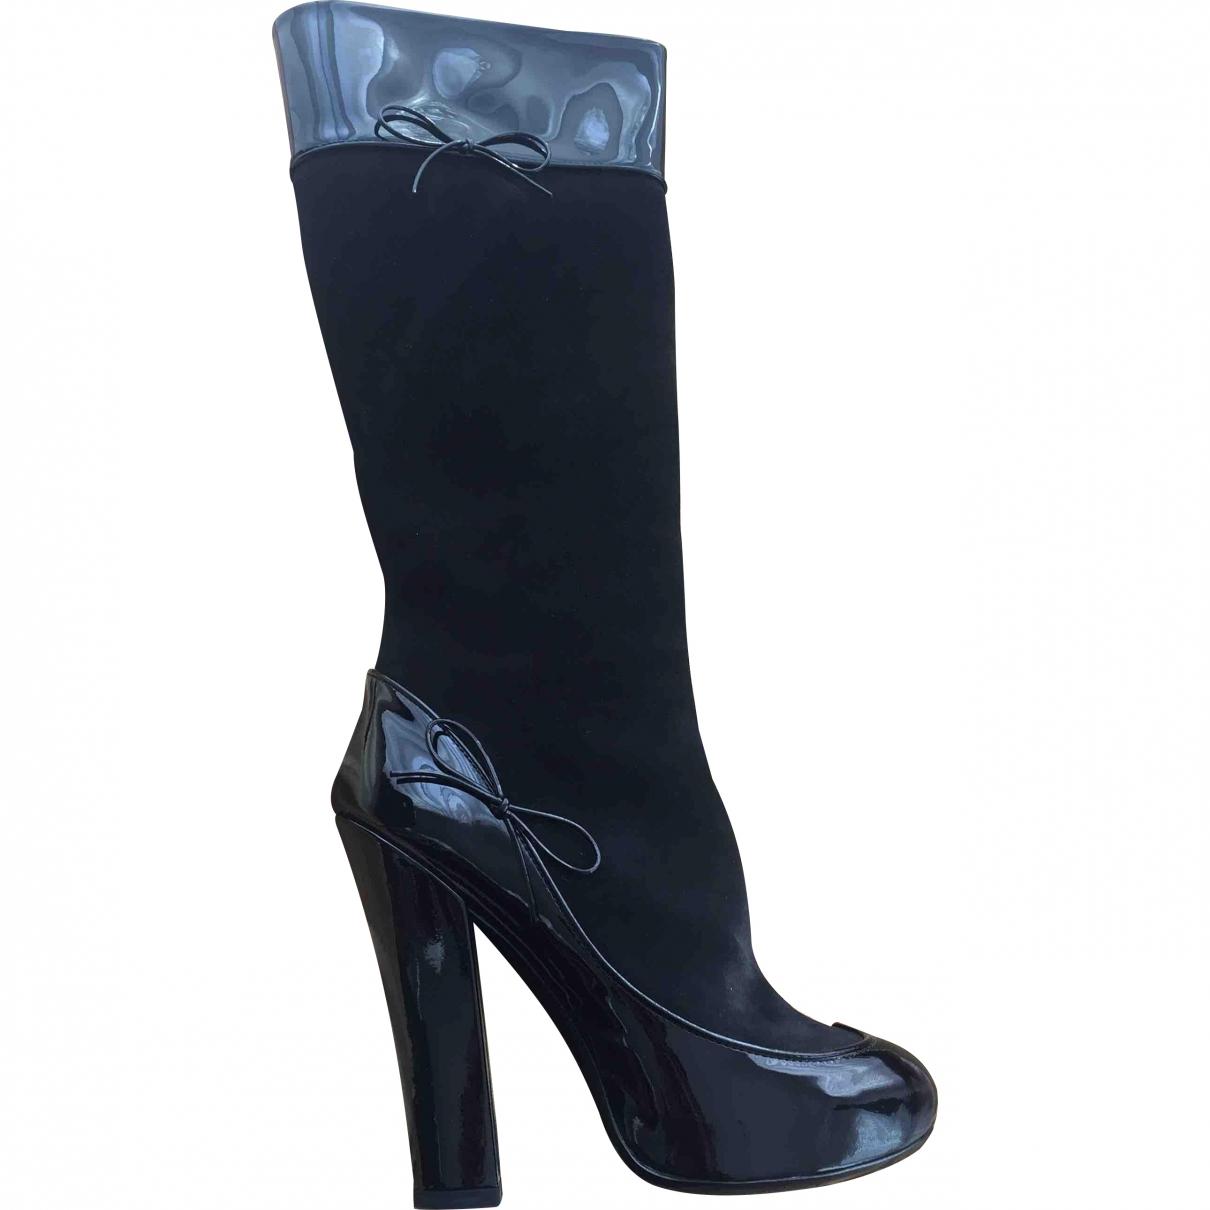 Louis Vuitton - Bottes   pour femme en cuir verni - noir